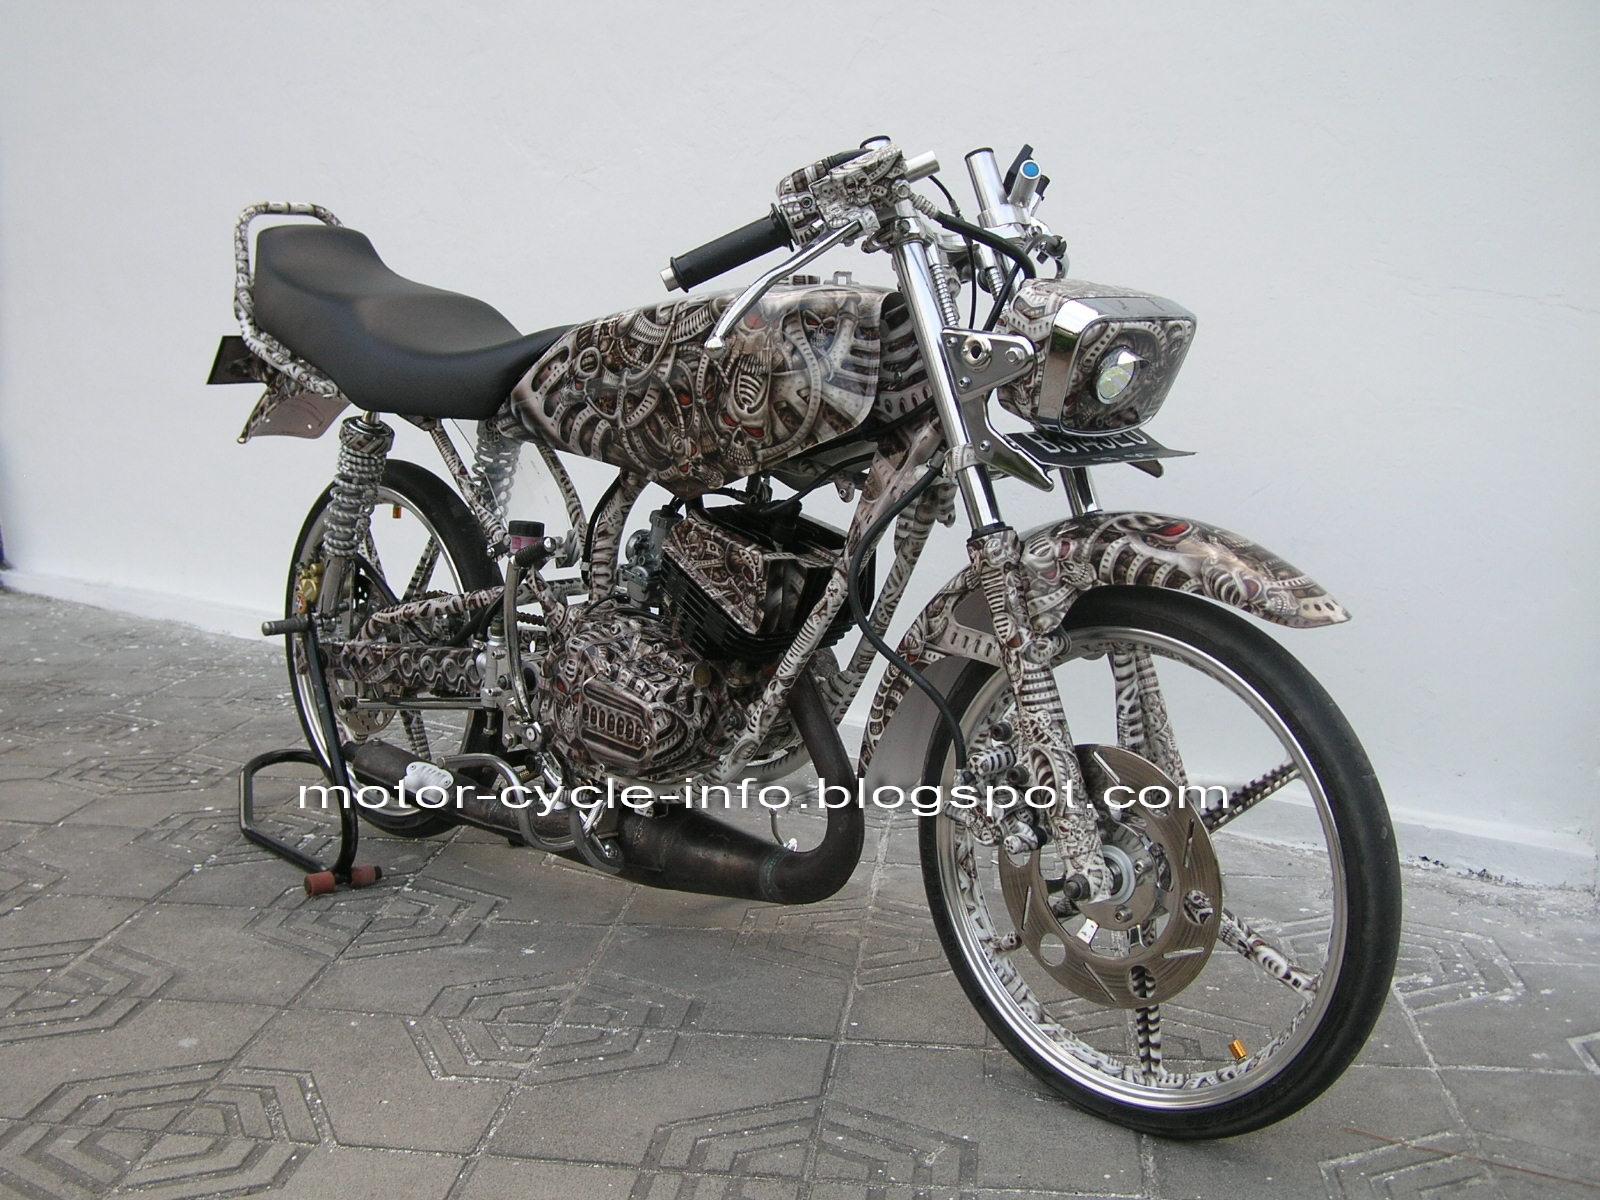 http://2.bp.blogspot.com/_mwzxyywxcGA/TFetTHQgU9I/AAAAAAAAA1U/9jgV_dW3E6g/s1600/gambar+airbrush+rx+king+yamaha.jpg